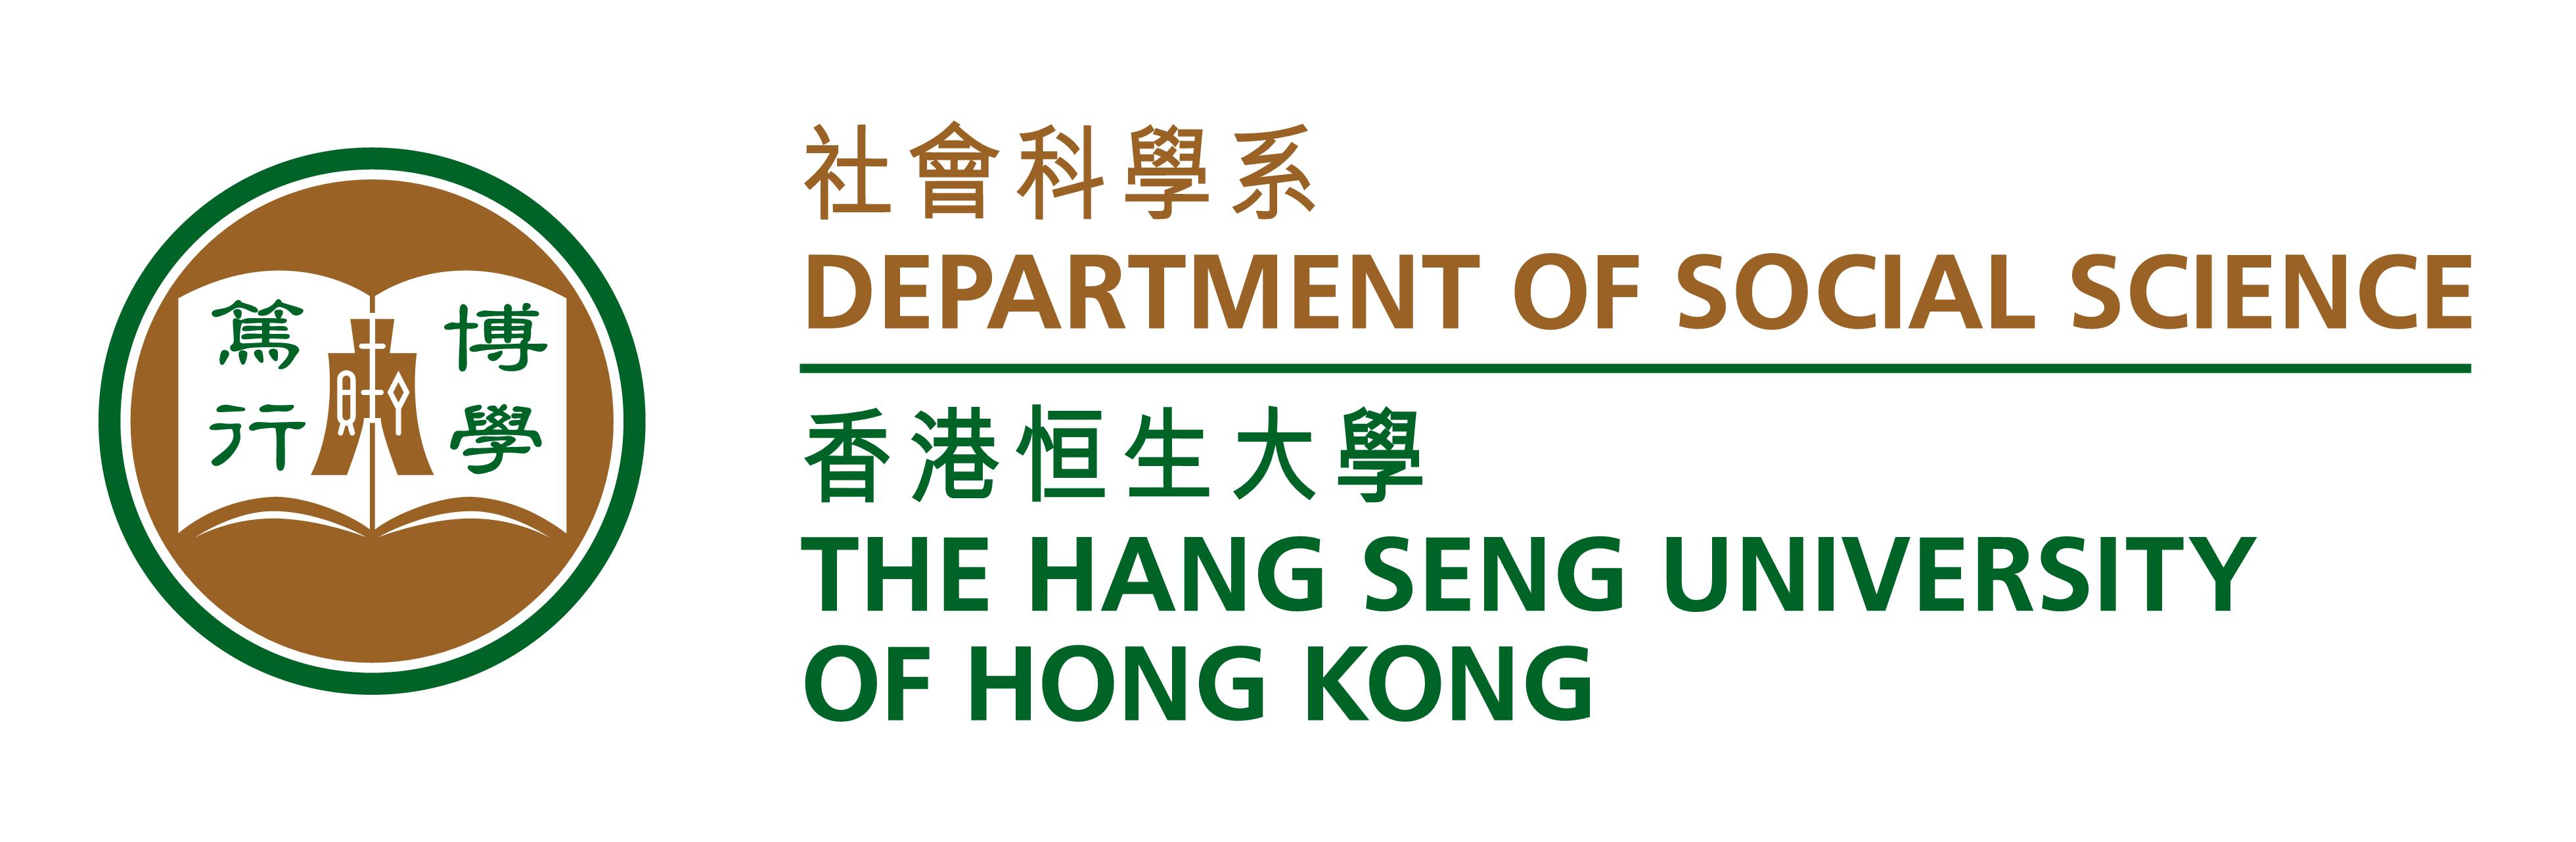 Department of Social Science, The Hang Seng University of Hong Kong